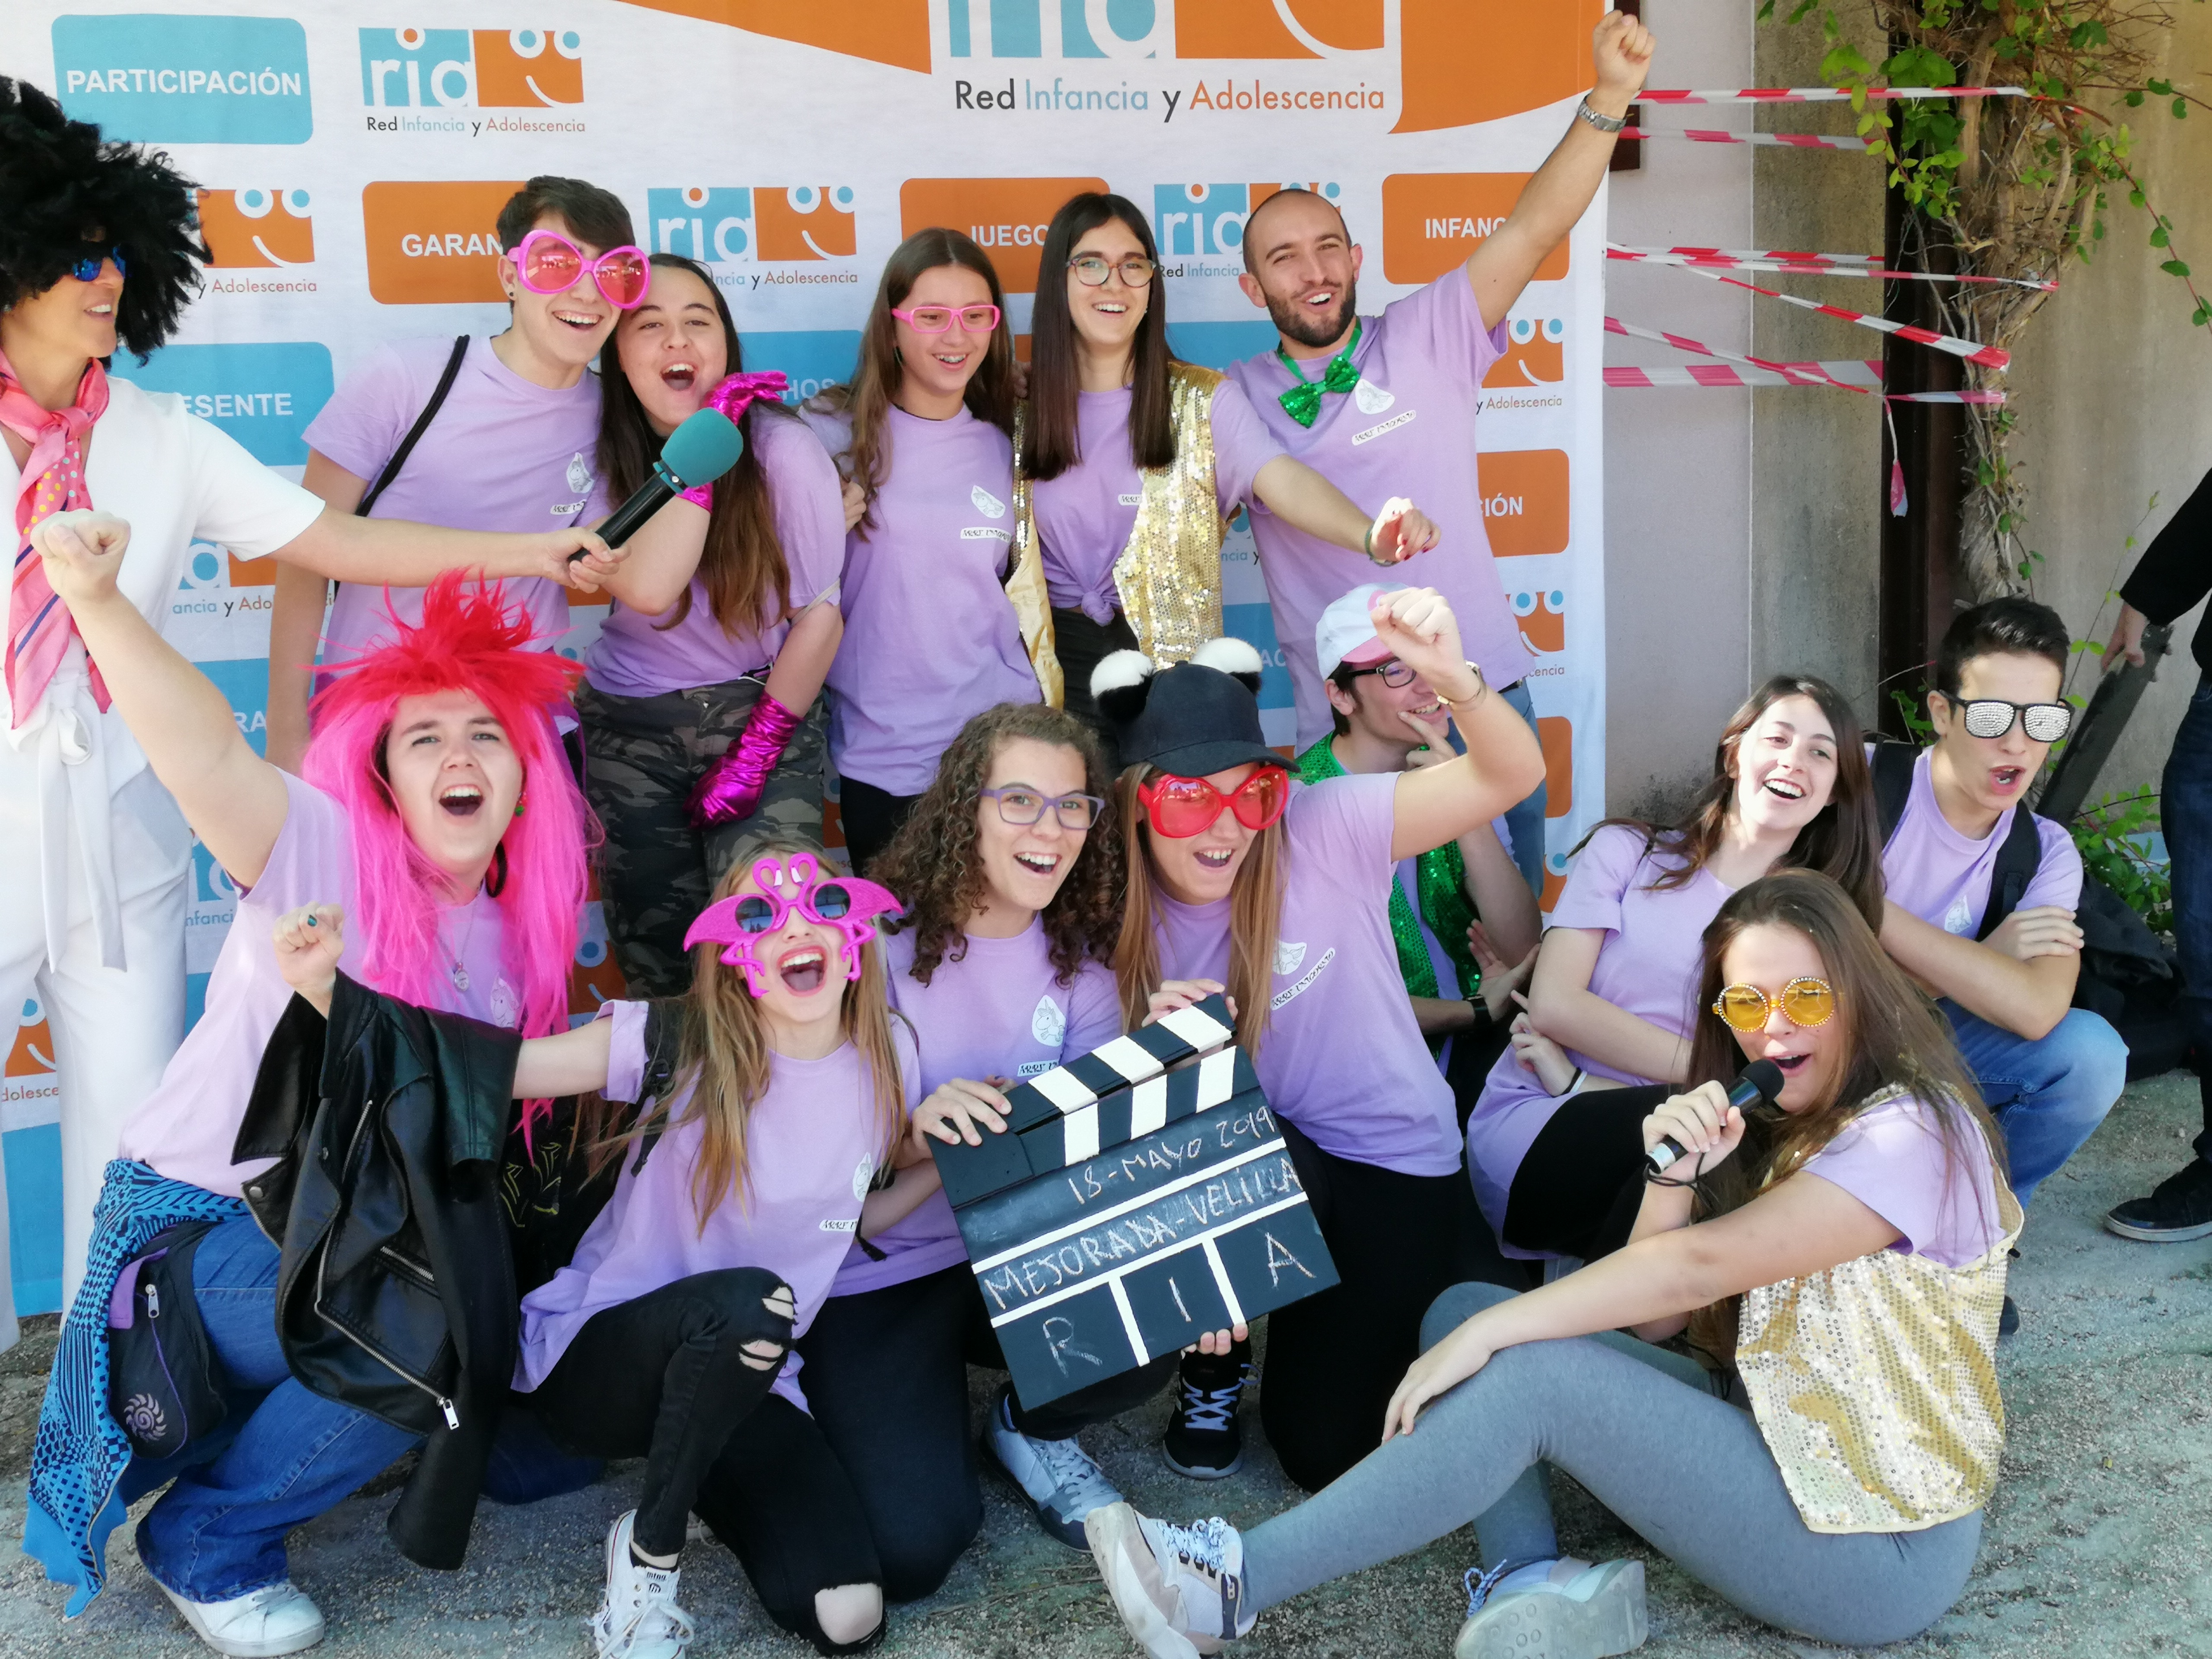 La Red de Infancia y Adolescencia, a la que pertenece Velilla, celebró un nuevo encuentro en Alcalá de Henares